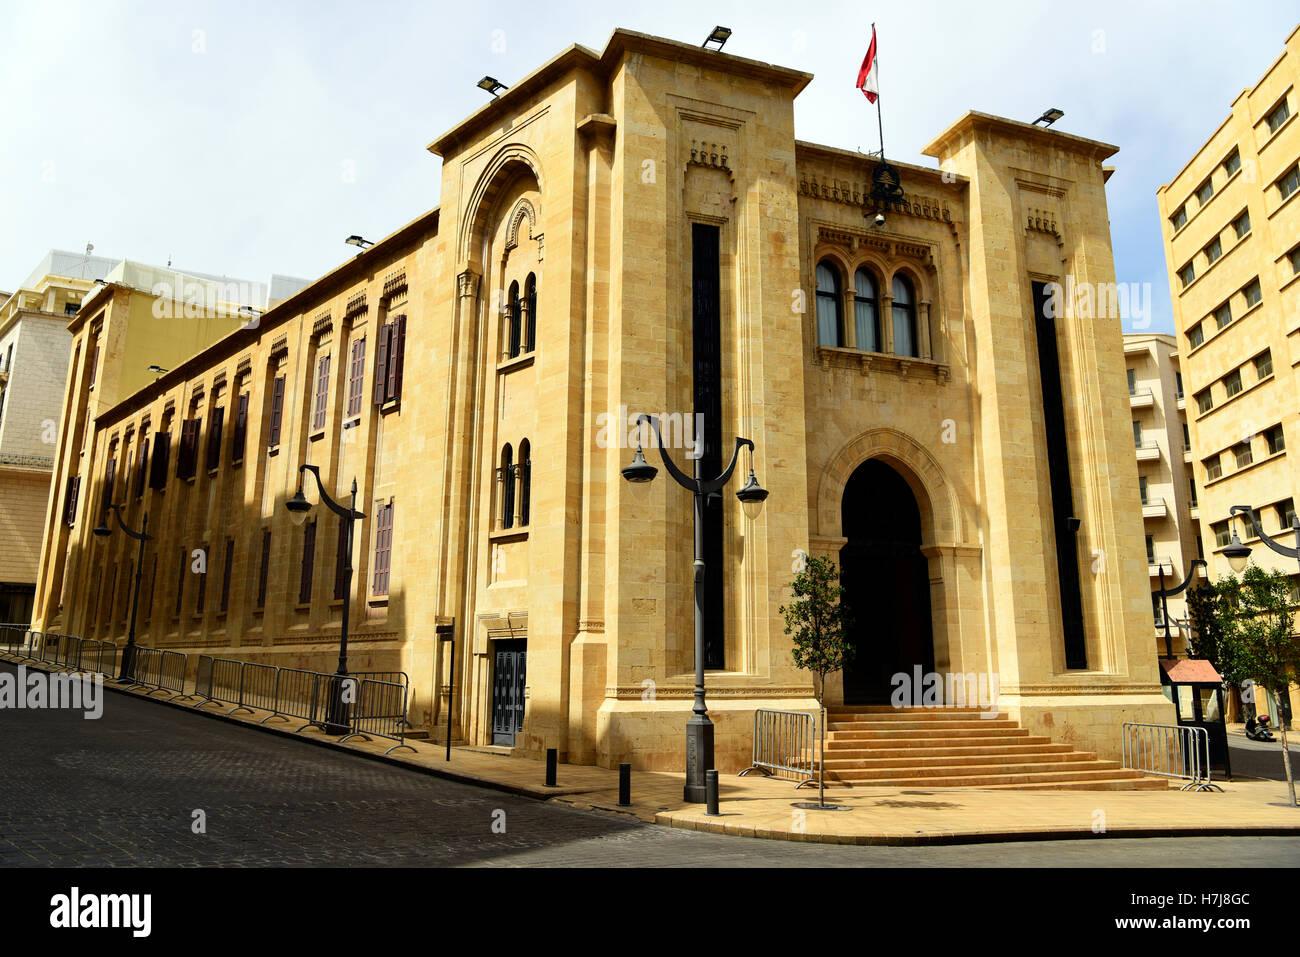 El edificio del parlamento, en el centro de Beirut, Líbano. Imagen De Stock